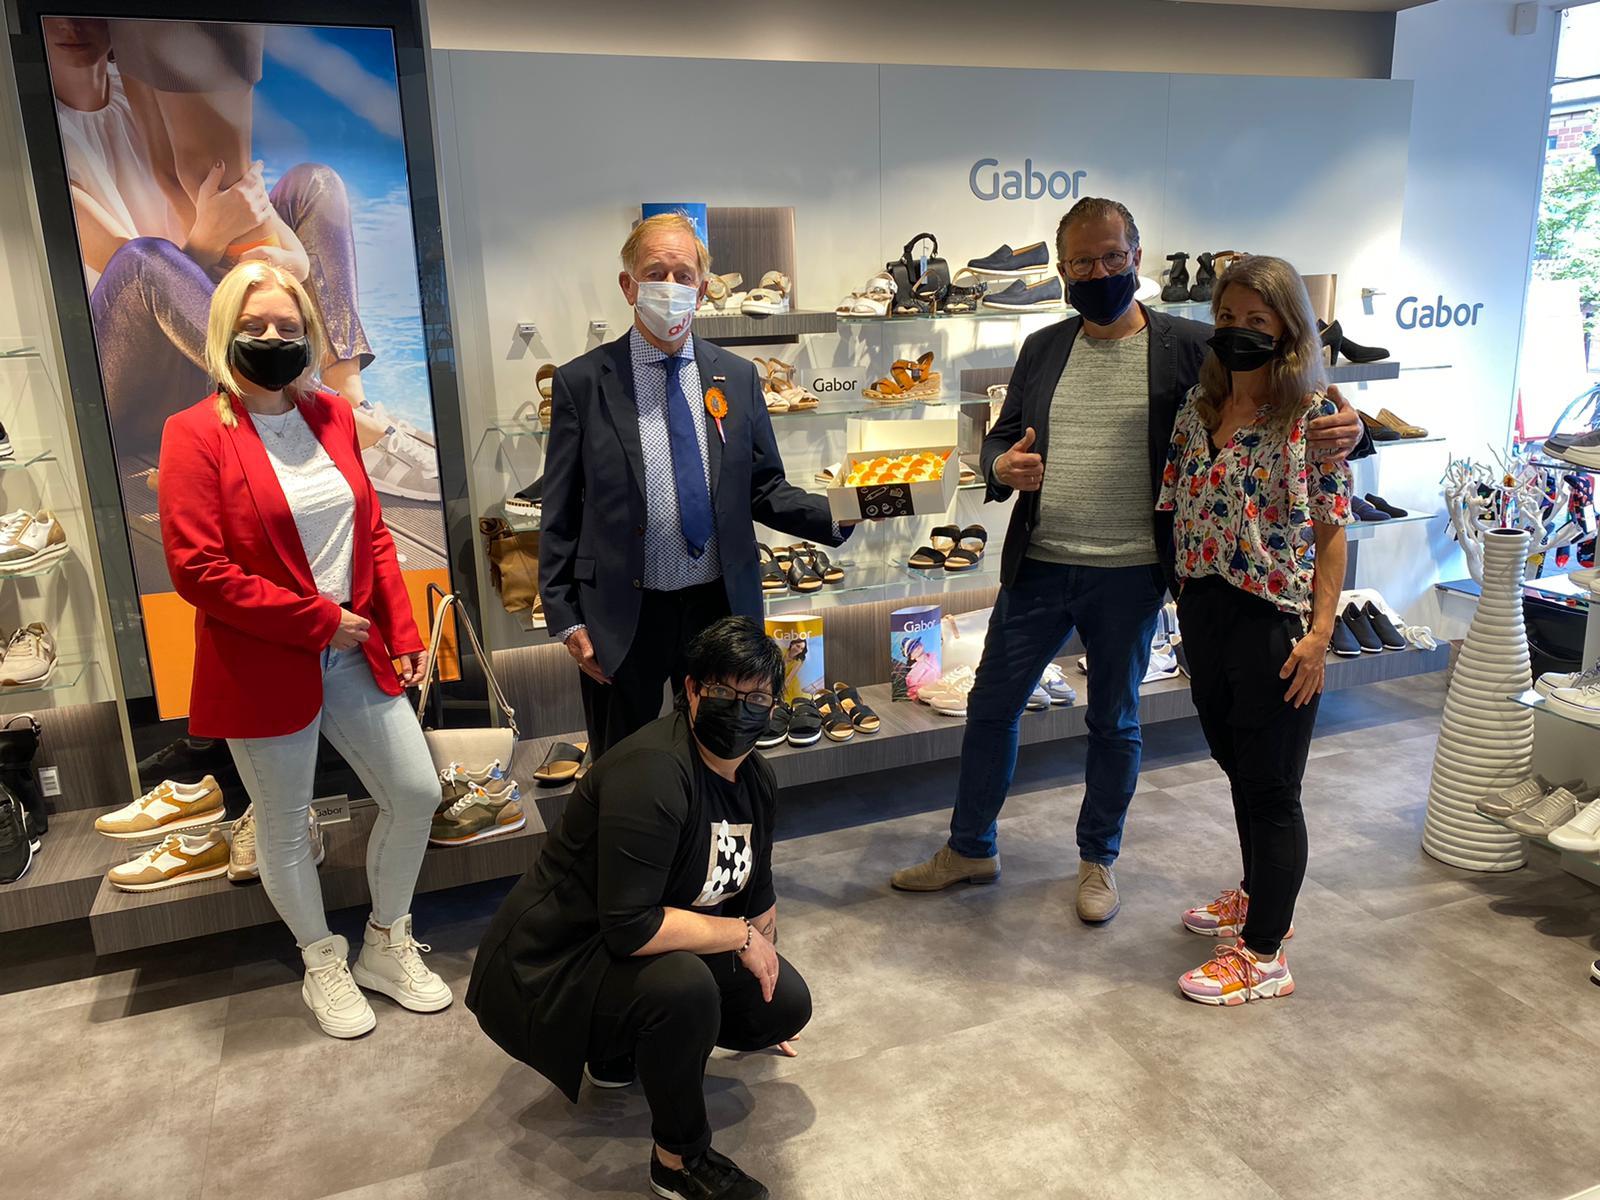 Het team van De Vries schoenen ontving een taart voor de uitgedaste etalage